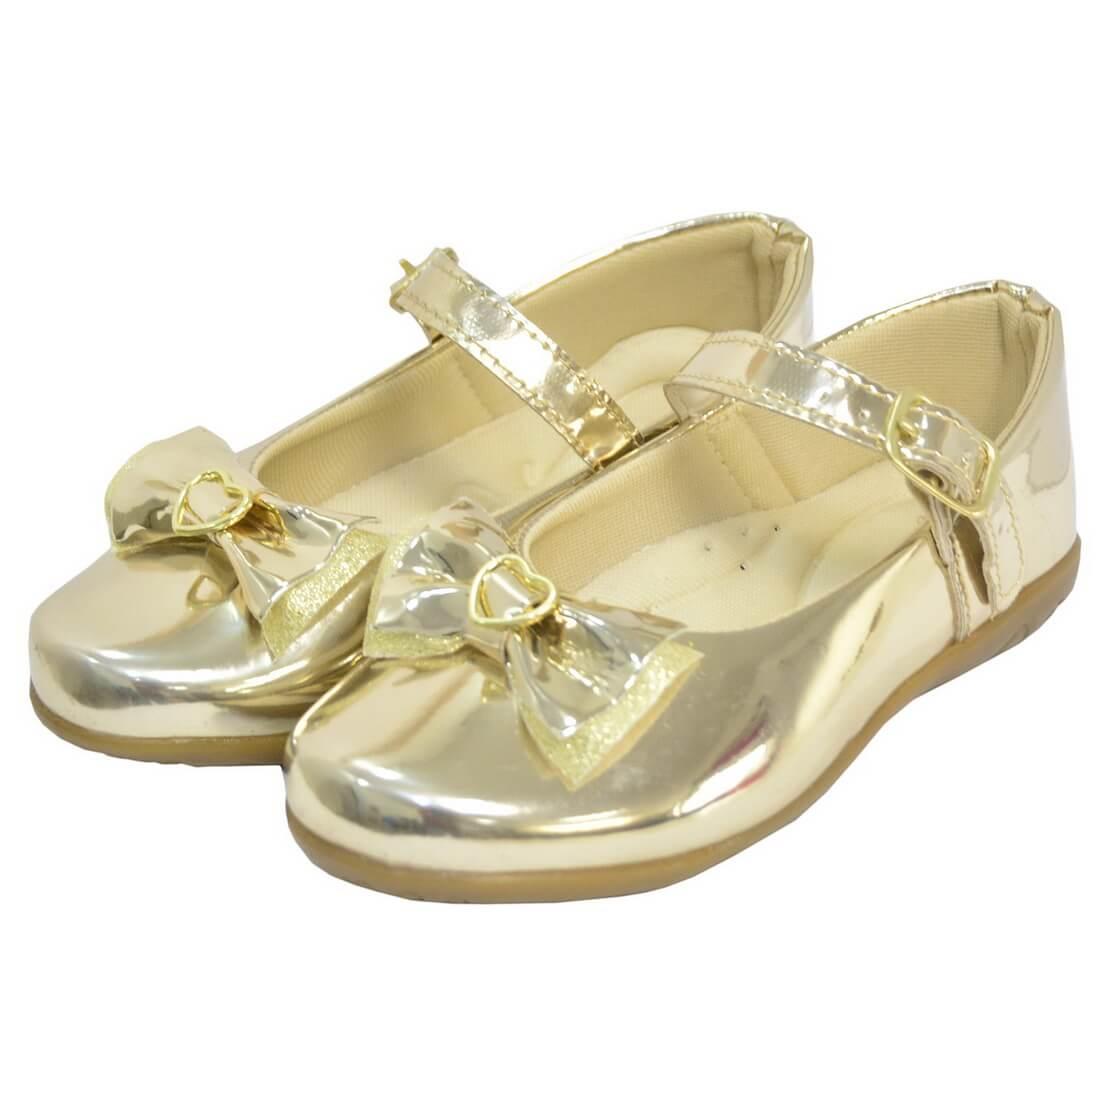 Sapatilha Infantil Dourada Laço no Bico - Sapato Menina